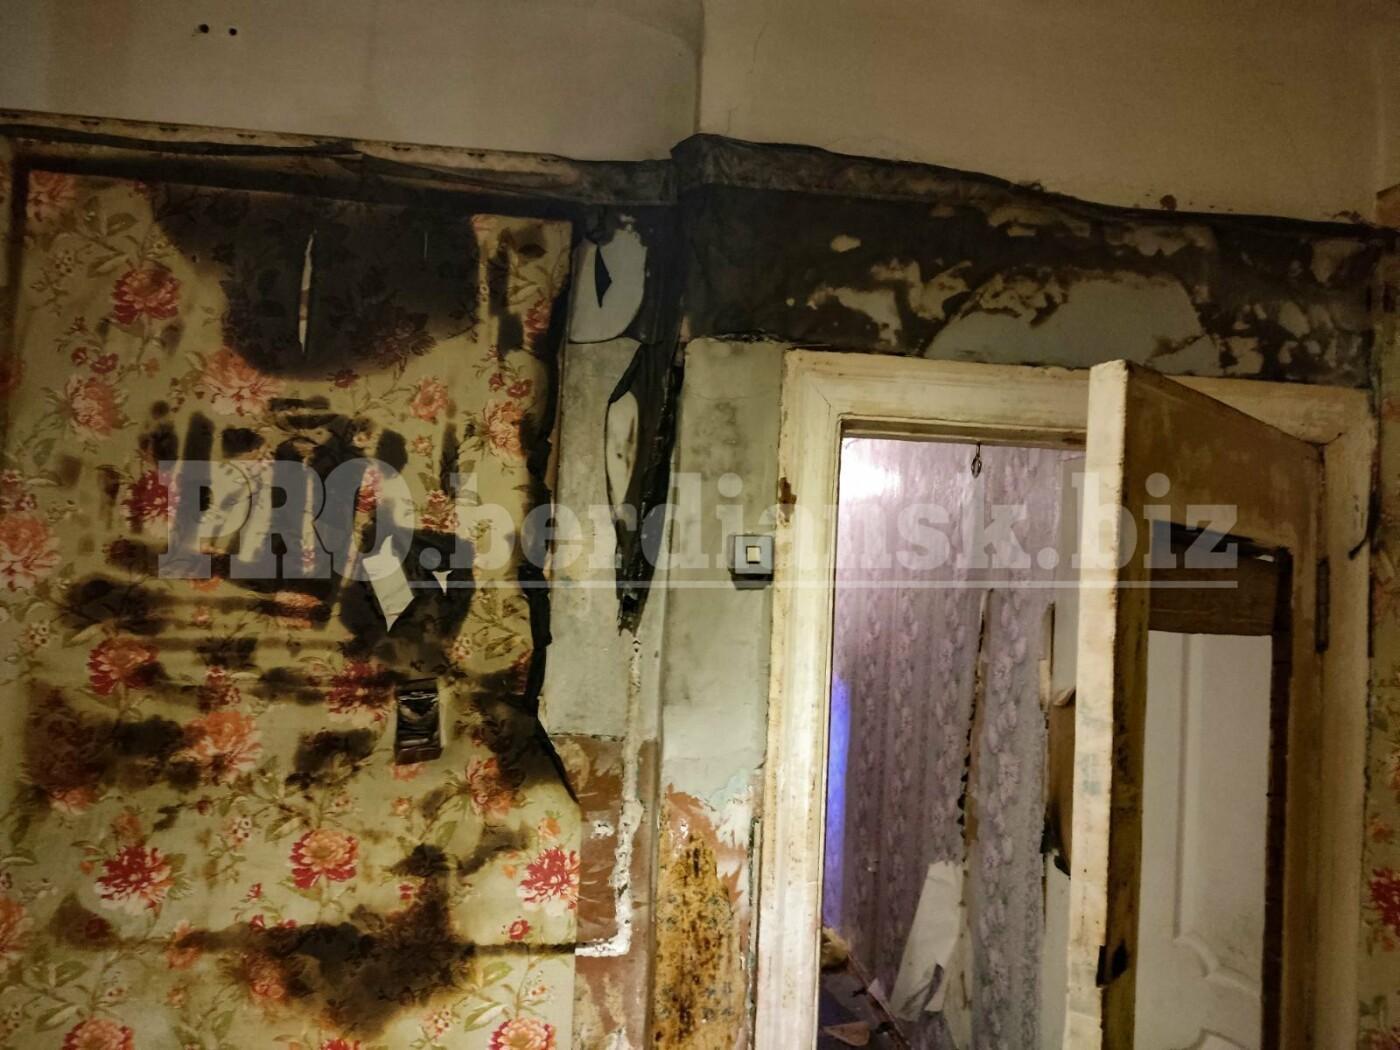 izobrazhenieviber2021 09 0606 46 13 8781231 6135c76f37183 - В Запорожской области женщина пыталась совершить суицид, взорвав газ в квартире, - СМИ